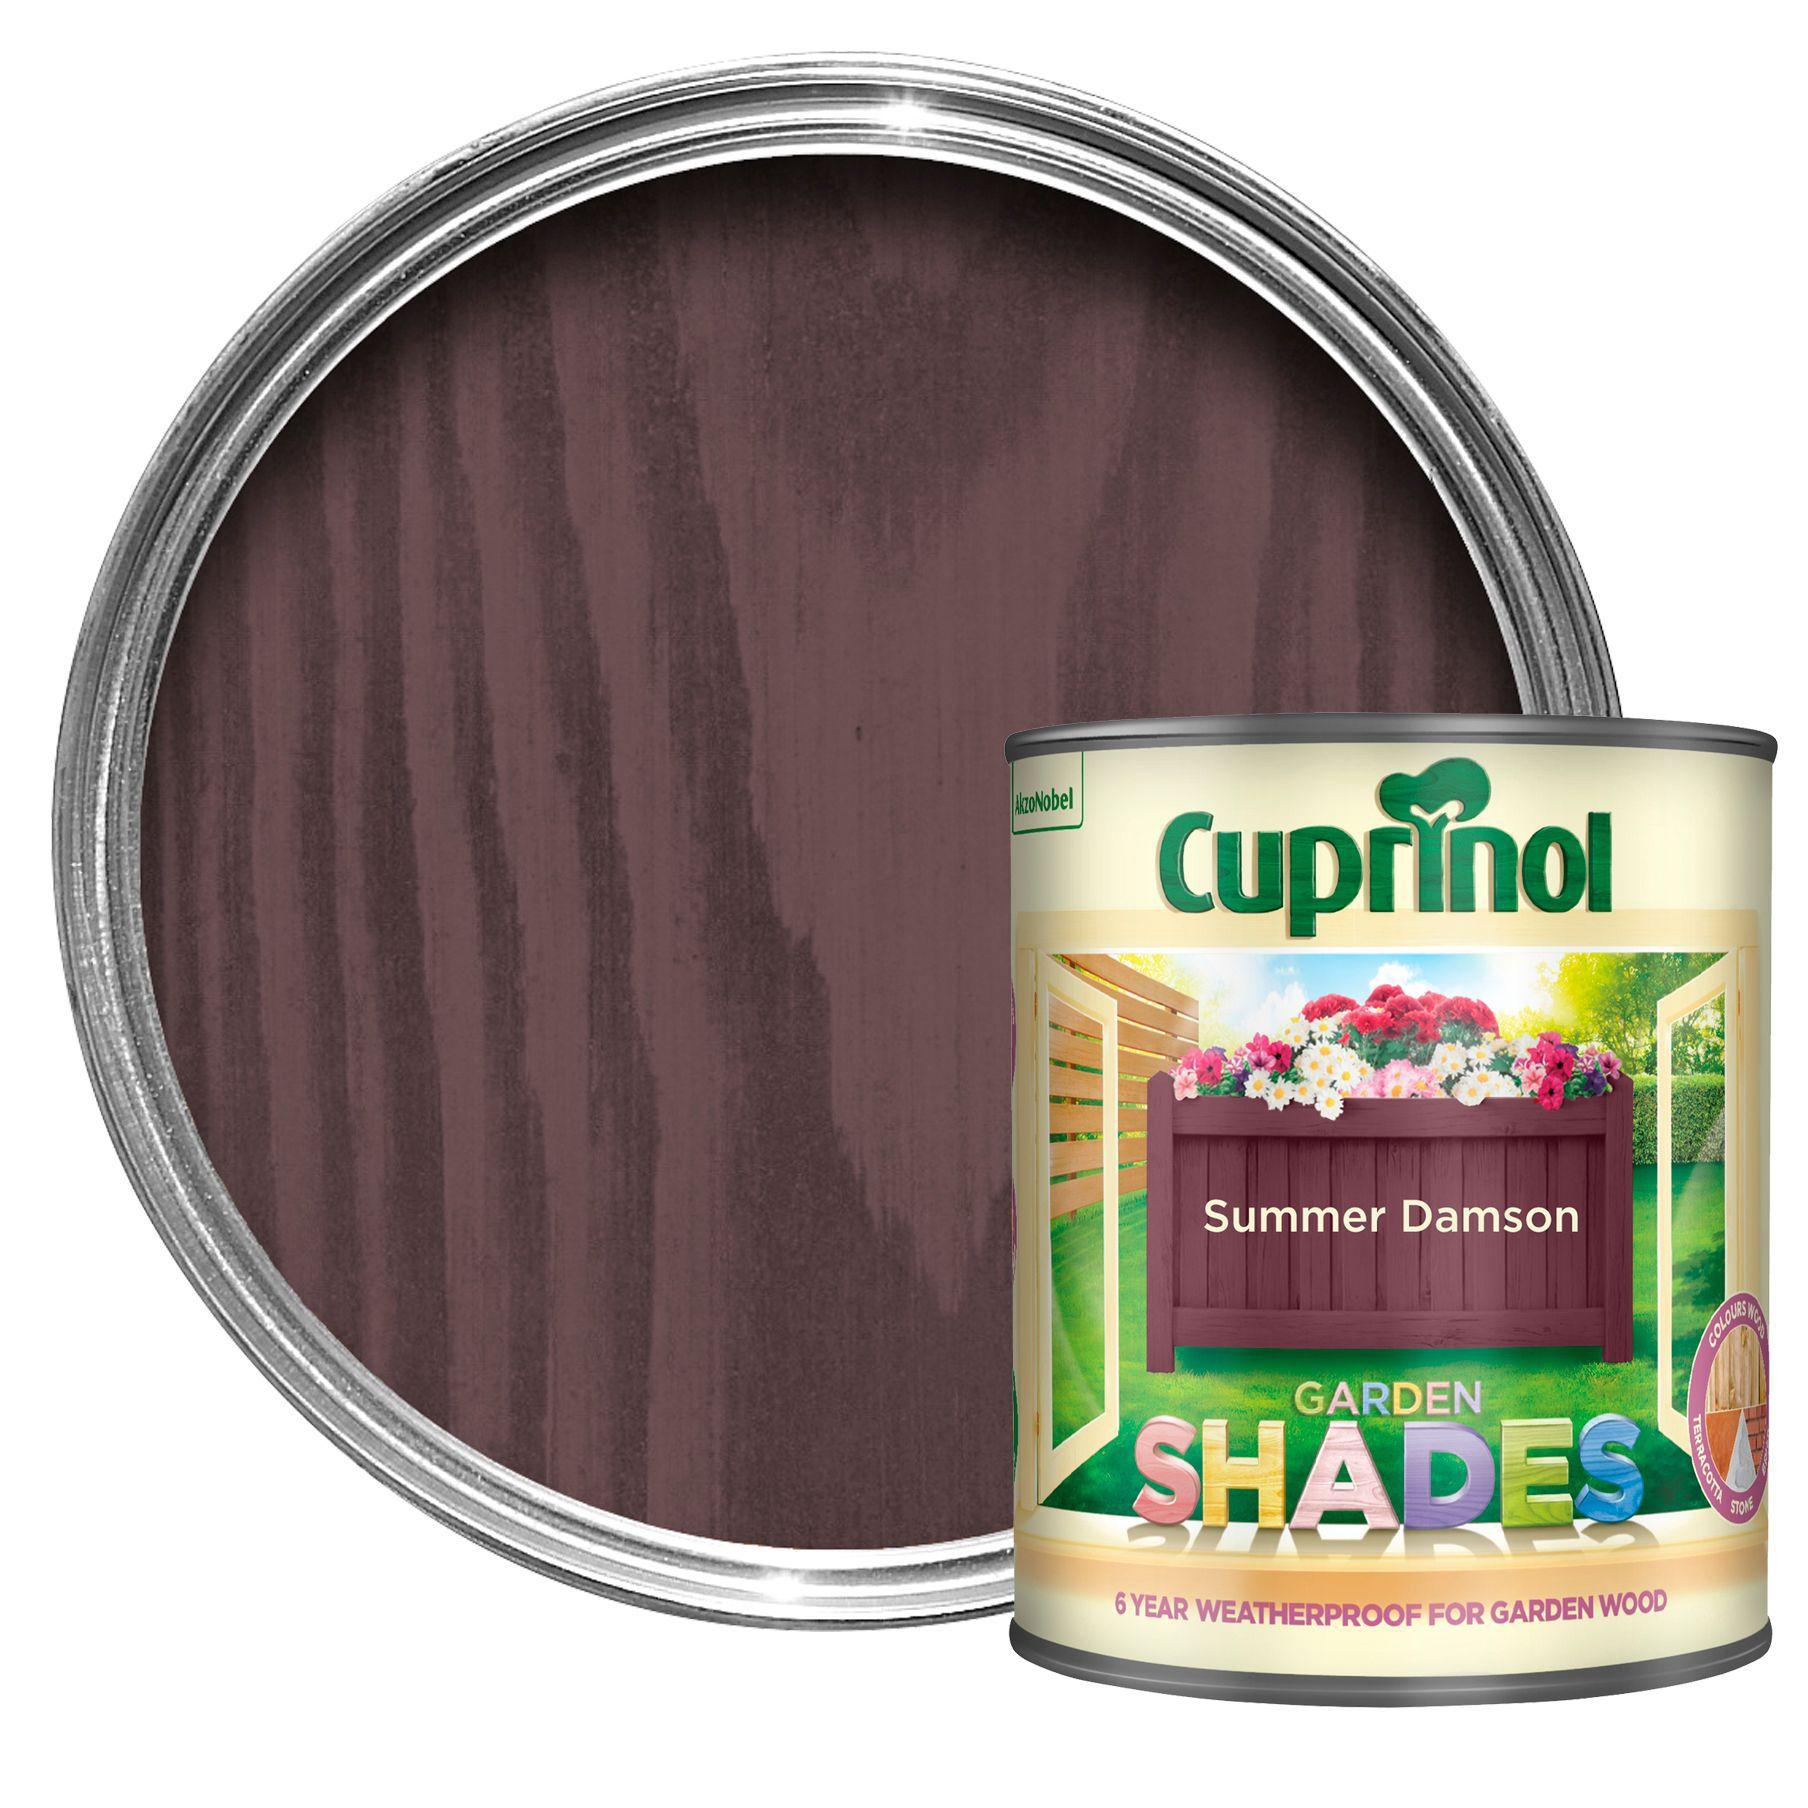 Cuprinol Garden Shades Summer Damson Matt Wood Paint 1l